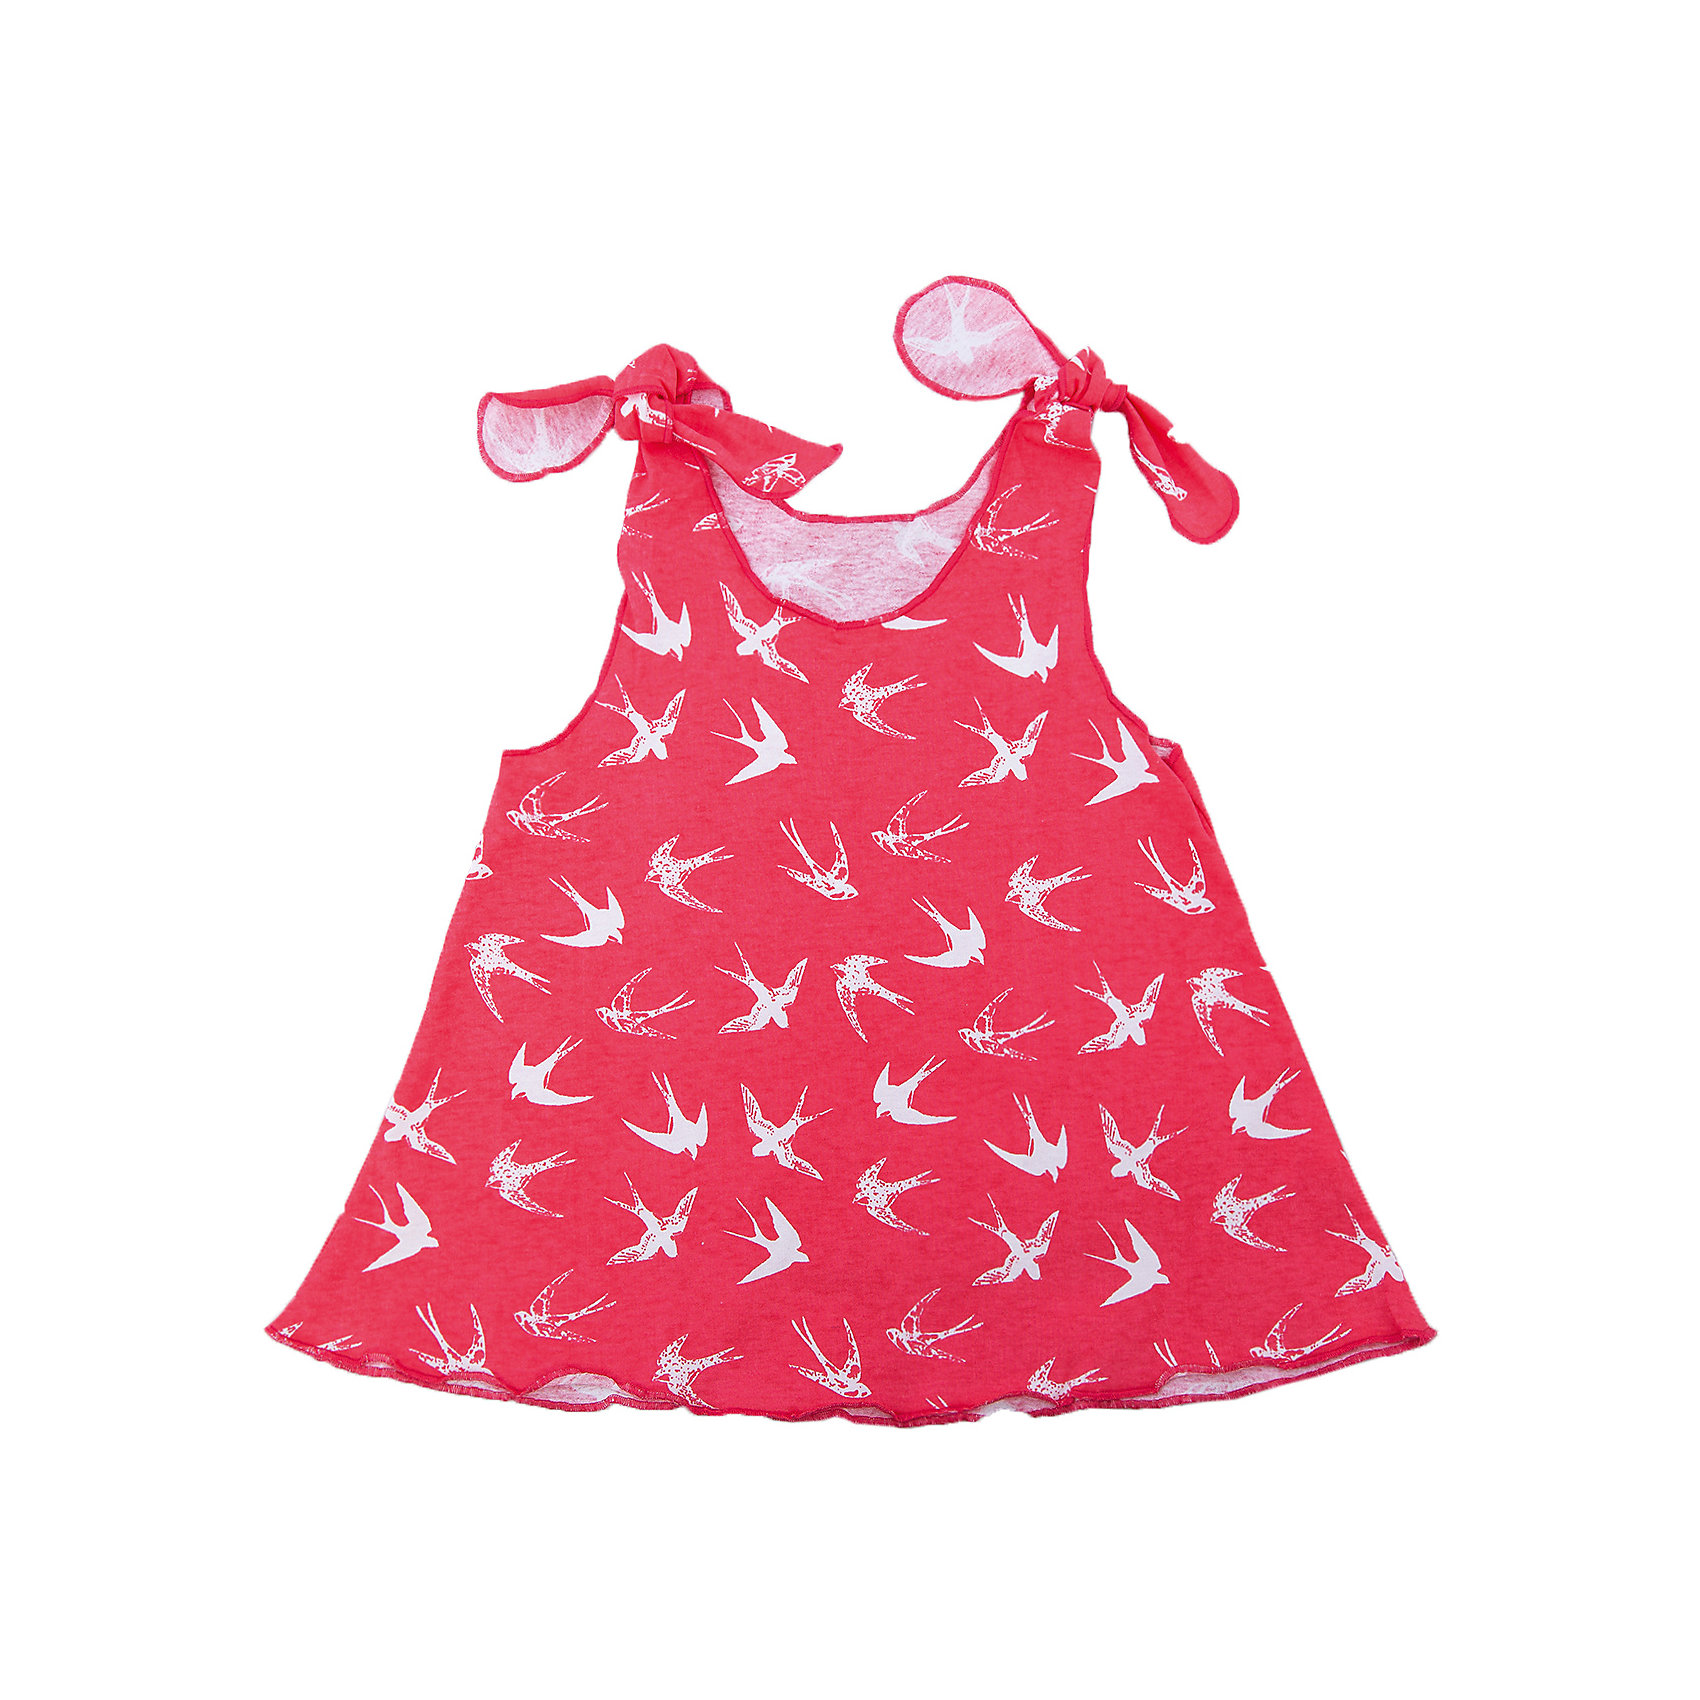 Платье для девочки KotMarKotПлатья и сарафаны<br>Платье для девочки KotMarKot<br>Состав:<br>100% хлопок<br><br>Ширина мм: 236<br>Глубина мм: 16<br>Высота мм: 184<br>Вес г: 177<br>Цвет: розовый<br>Возраст от месяцев: 72<br>Возраст до месяцев: 84<br>Пол: Женский<br>Возраст: Детский<br>Размер: 122,92,98,104,110,116<br>SKU: 6755133